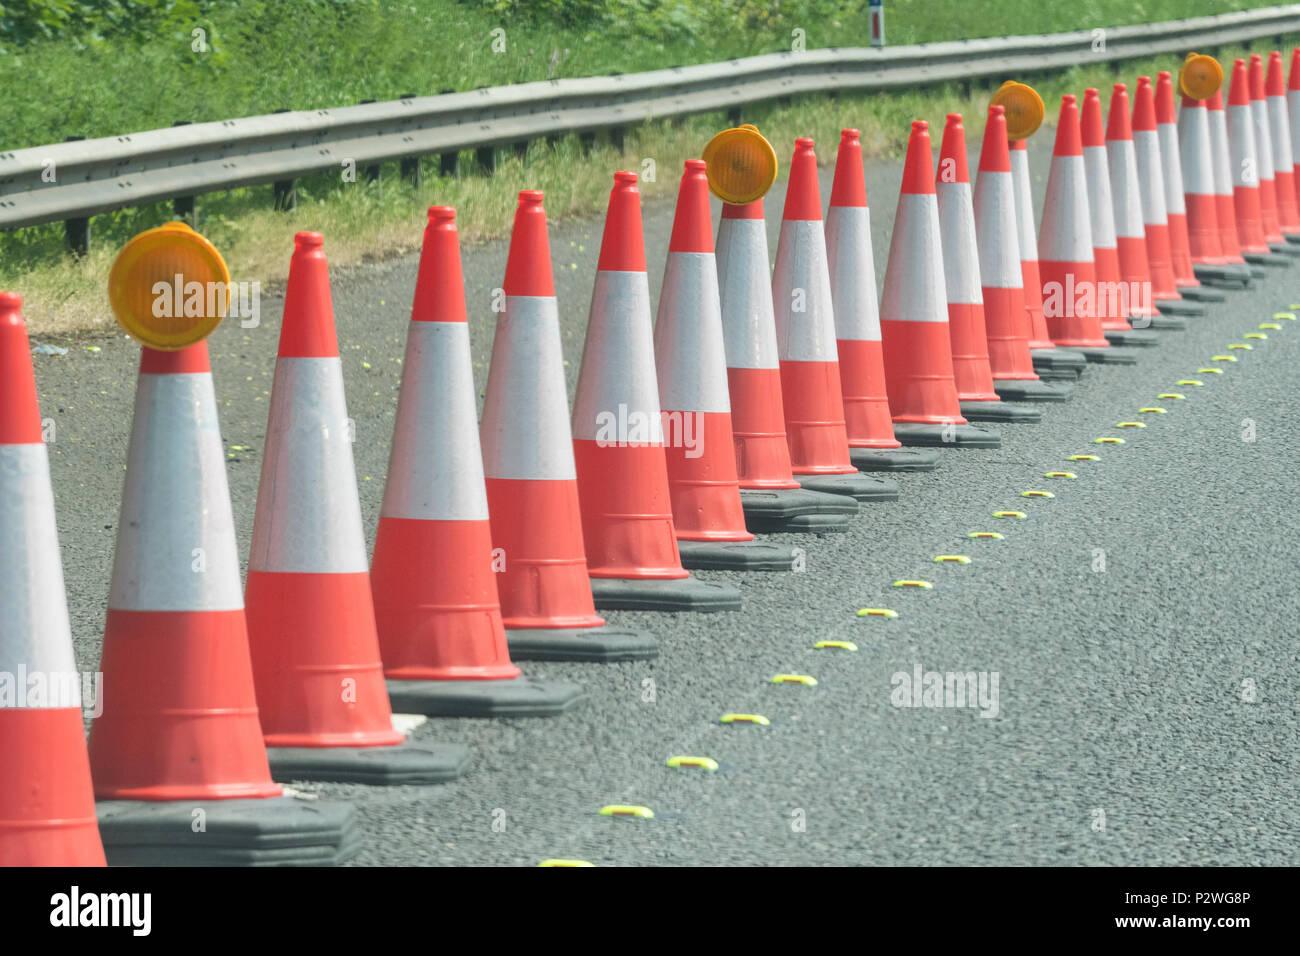 traffic cones - uk - Stock Image